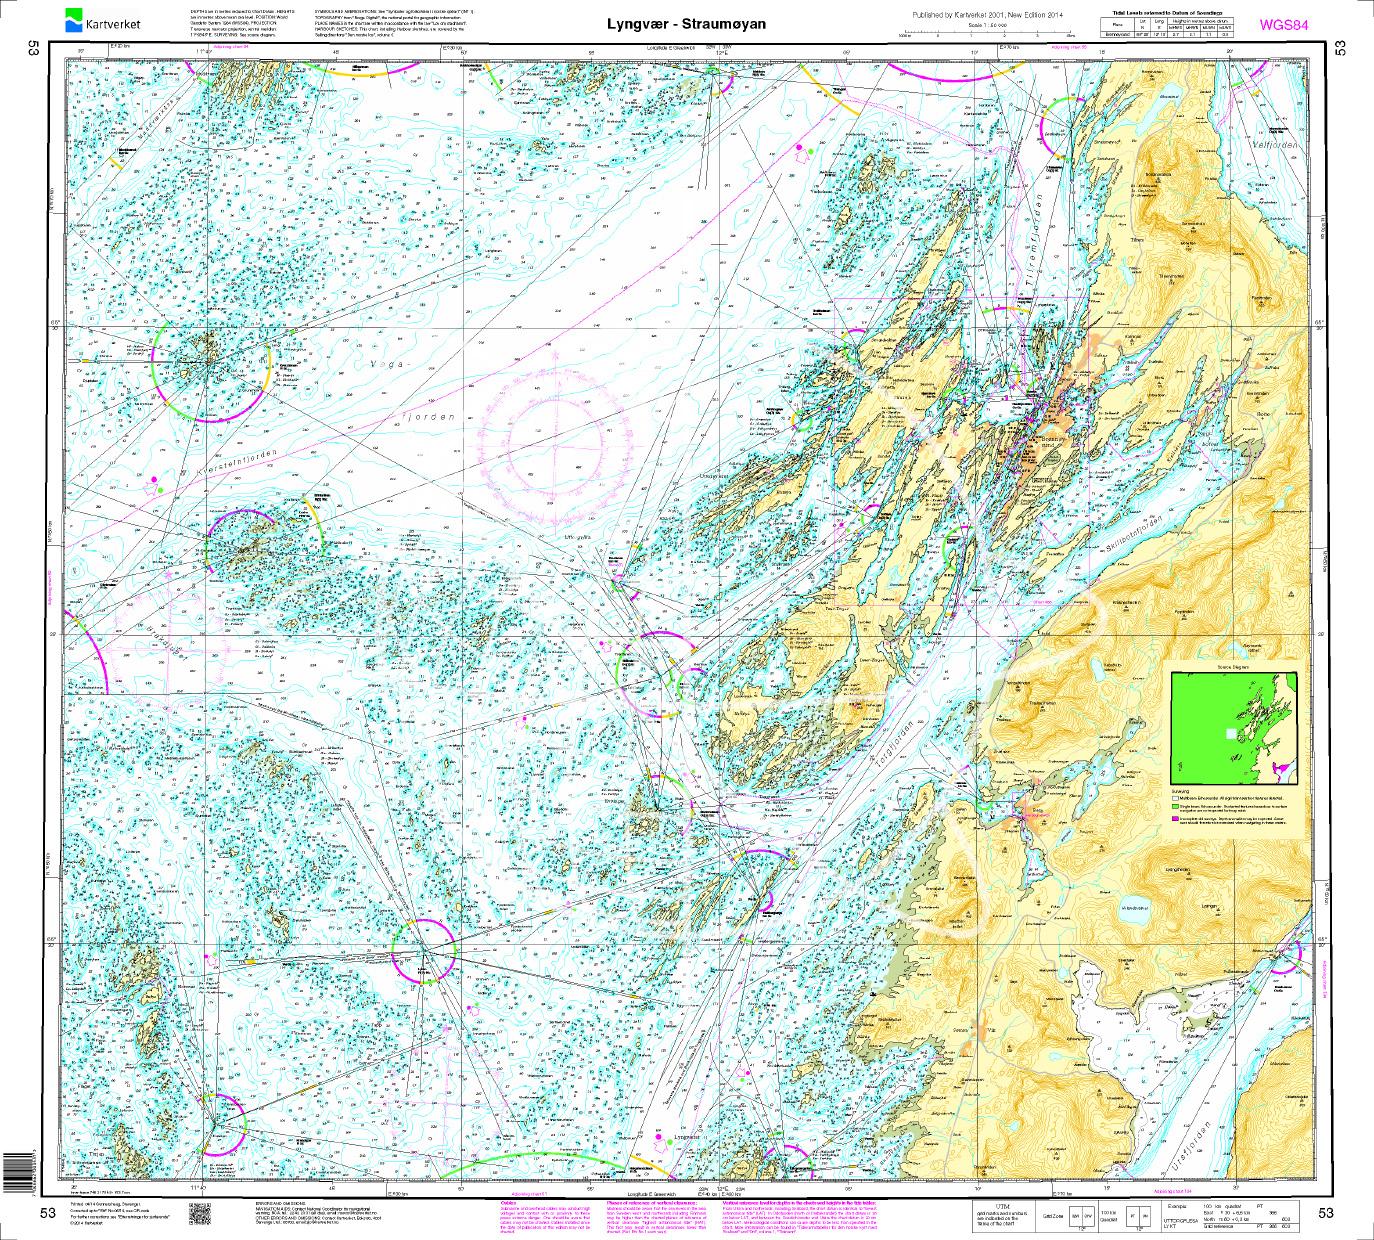 Norwegen N 53  Atlantik von Lyngvær nach Strømøyan